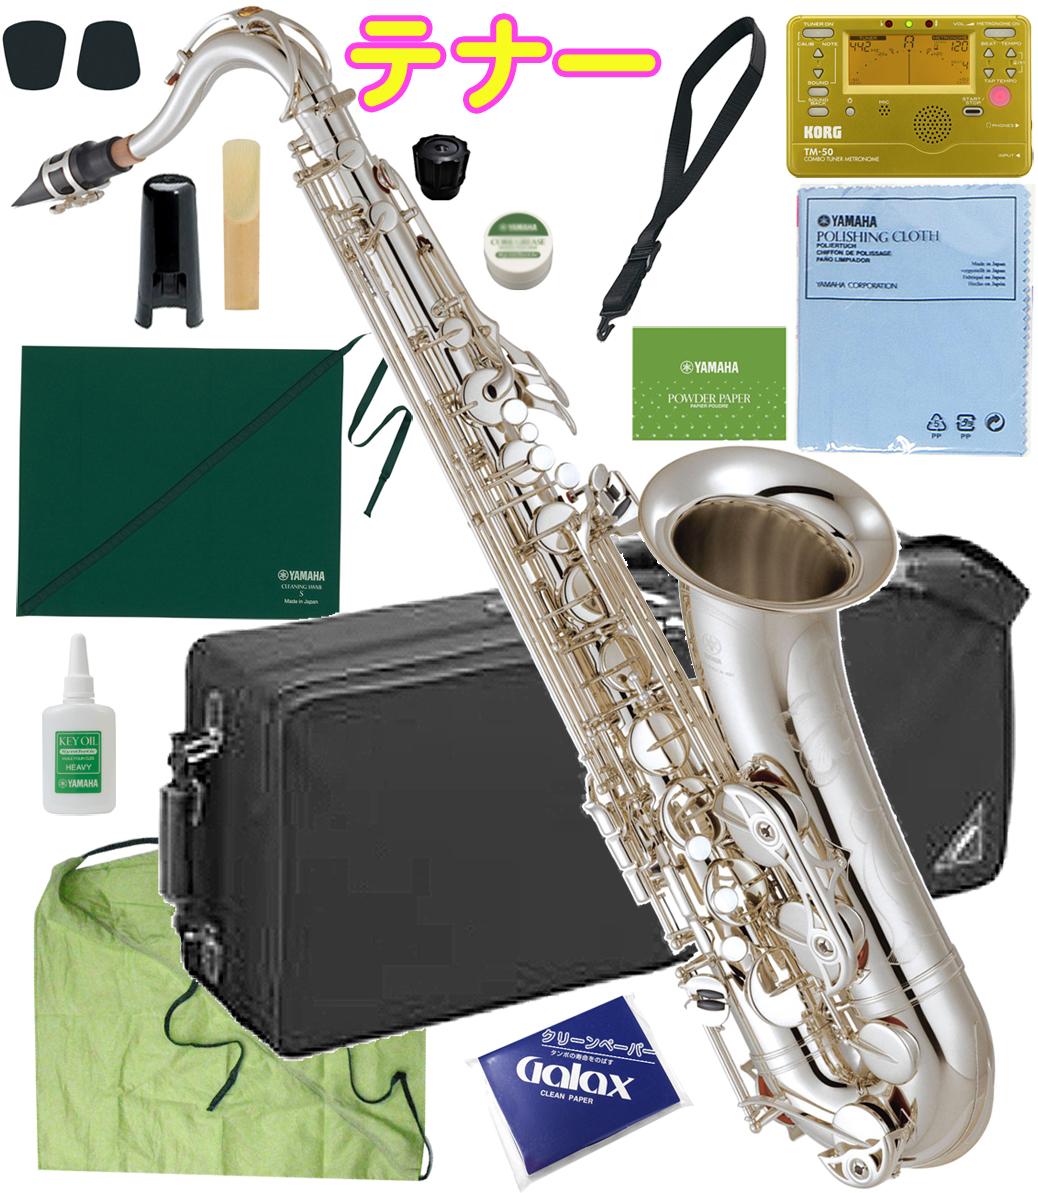 62シリーズ 本体 TS-4C tenor saxophonemade in Japan YAMAHA ( ヤマハ ) YTS-62S テナーサックス 新品 銀メッキ 日本製 管楽器 サックス 管体 シルバーメッキ テナーサクソフォン 正規品 【 YTS62S セット B】 送料無料